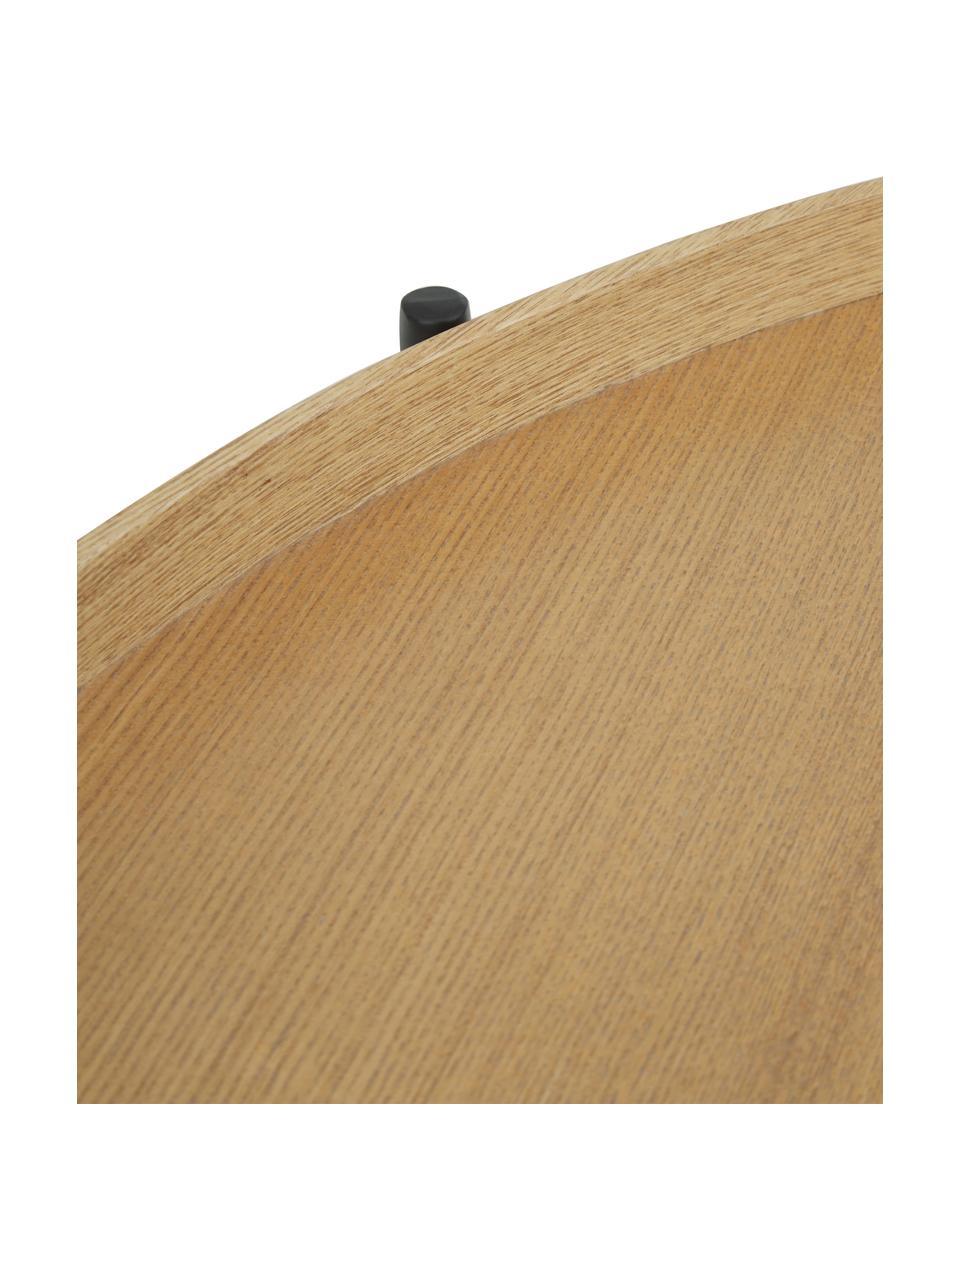 Couchtisch Renee mit Ablagefach, Gestell: Metall, pulverbeschichtet, Tischplatten: EschenholzGestell: Schwarz, matt, Ø 69 x H 39 cm